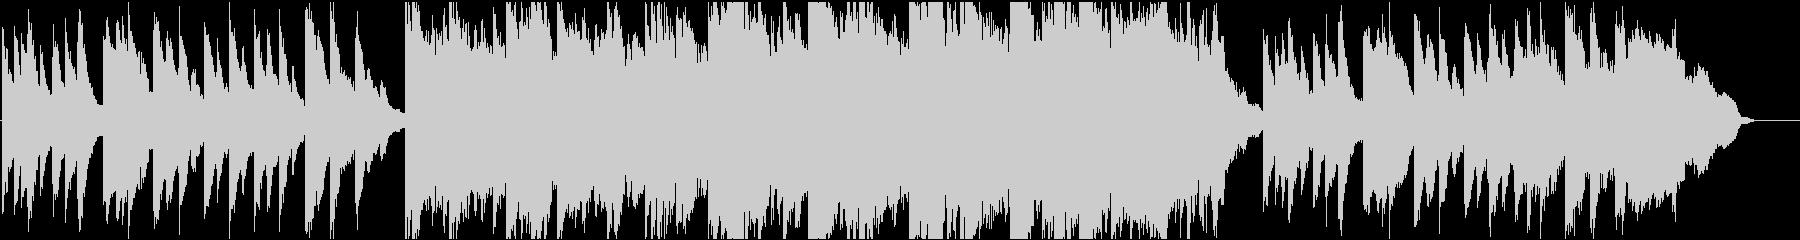 ドラマ4 16bit48kHzVerの未再生の波形